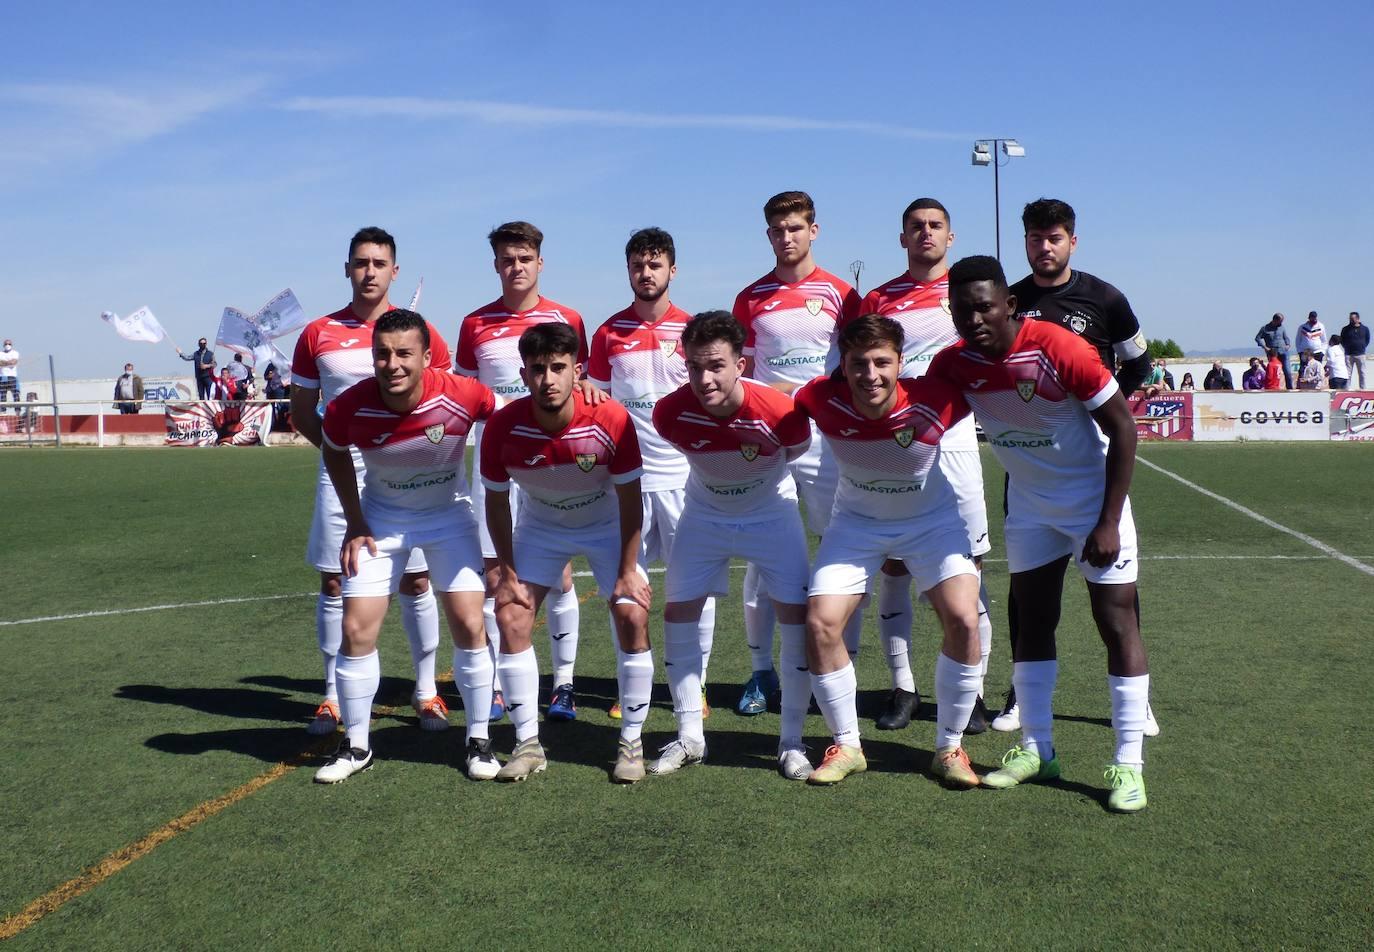 Cuatro victorias, un empate y dos derrotas, balance de los equipos del CD Castuera el pasado fin de semana